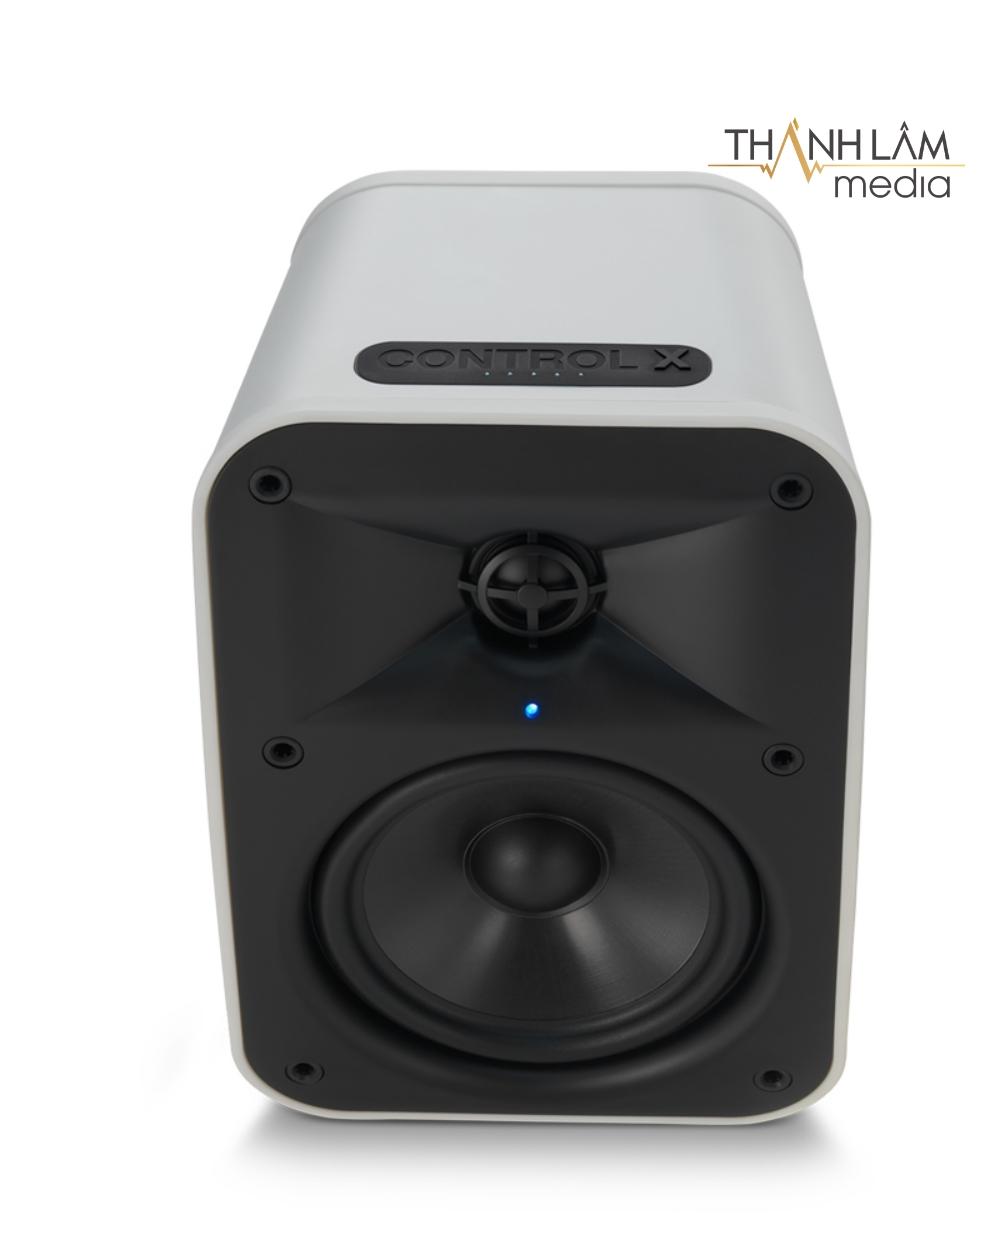 thanhlammedia-jbl-control-x-wireless-NEU29-products-image-542-1498539445-B3L38